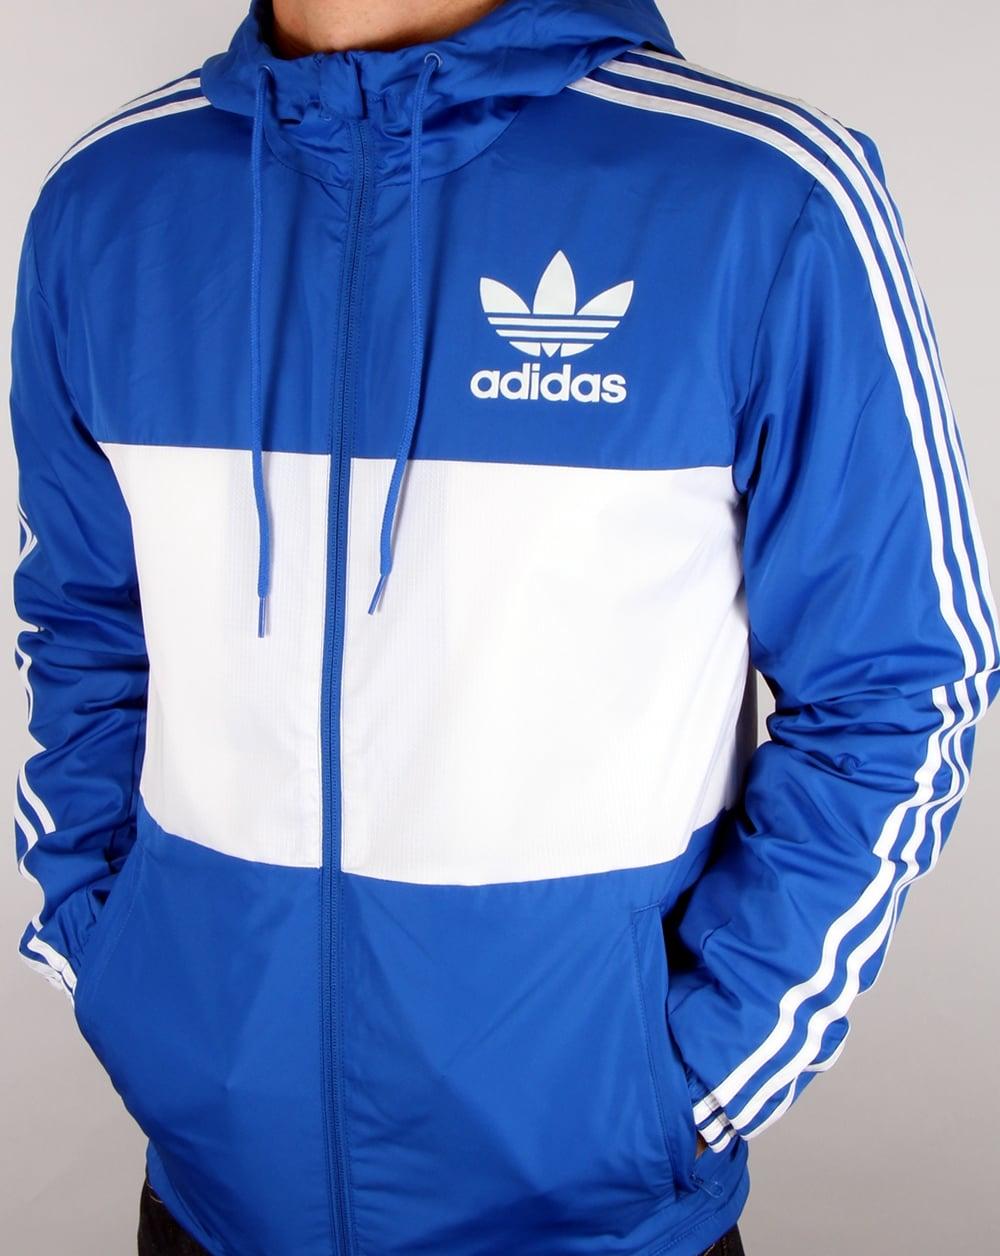 Adidas Originals California Windbreaker Bluewhite